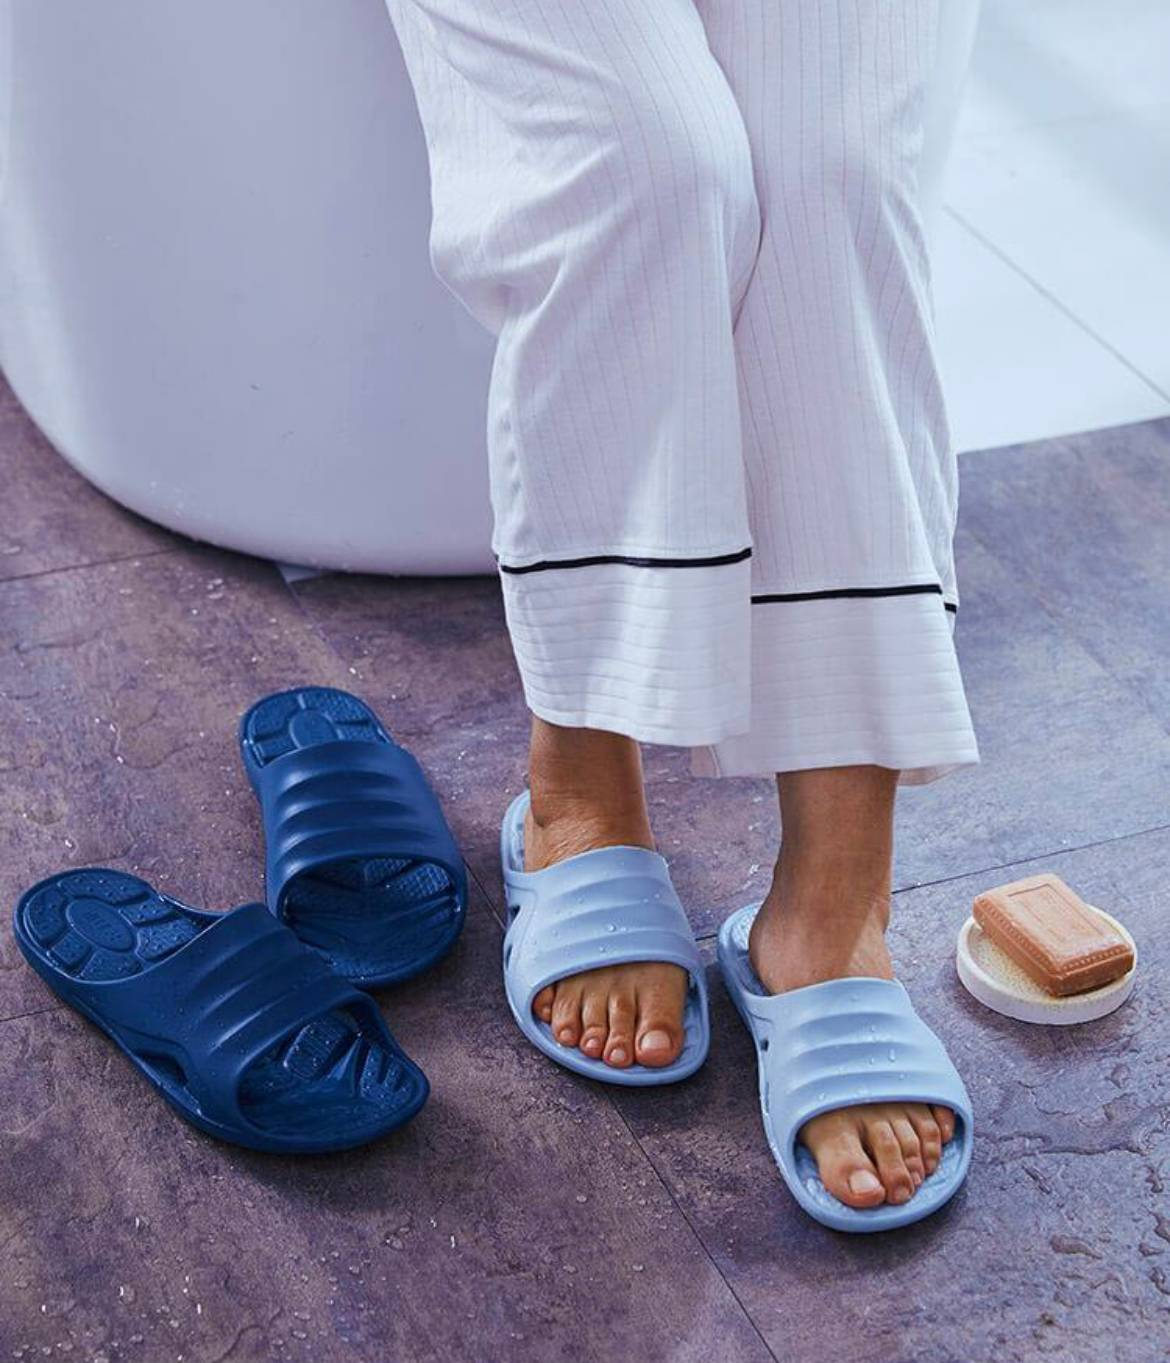 老人夏季适合穿什么鞋?